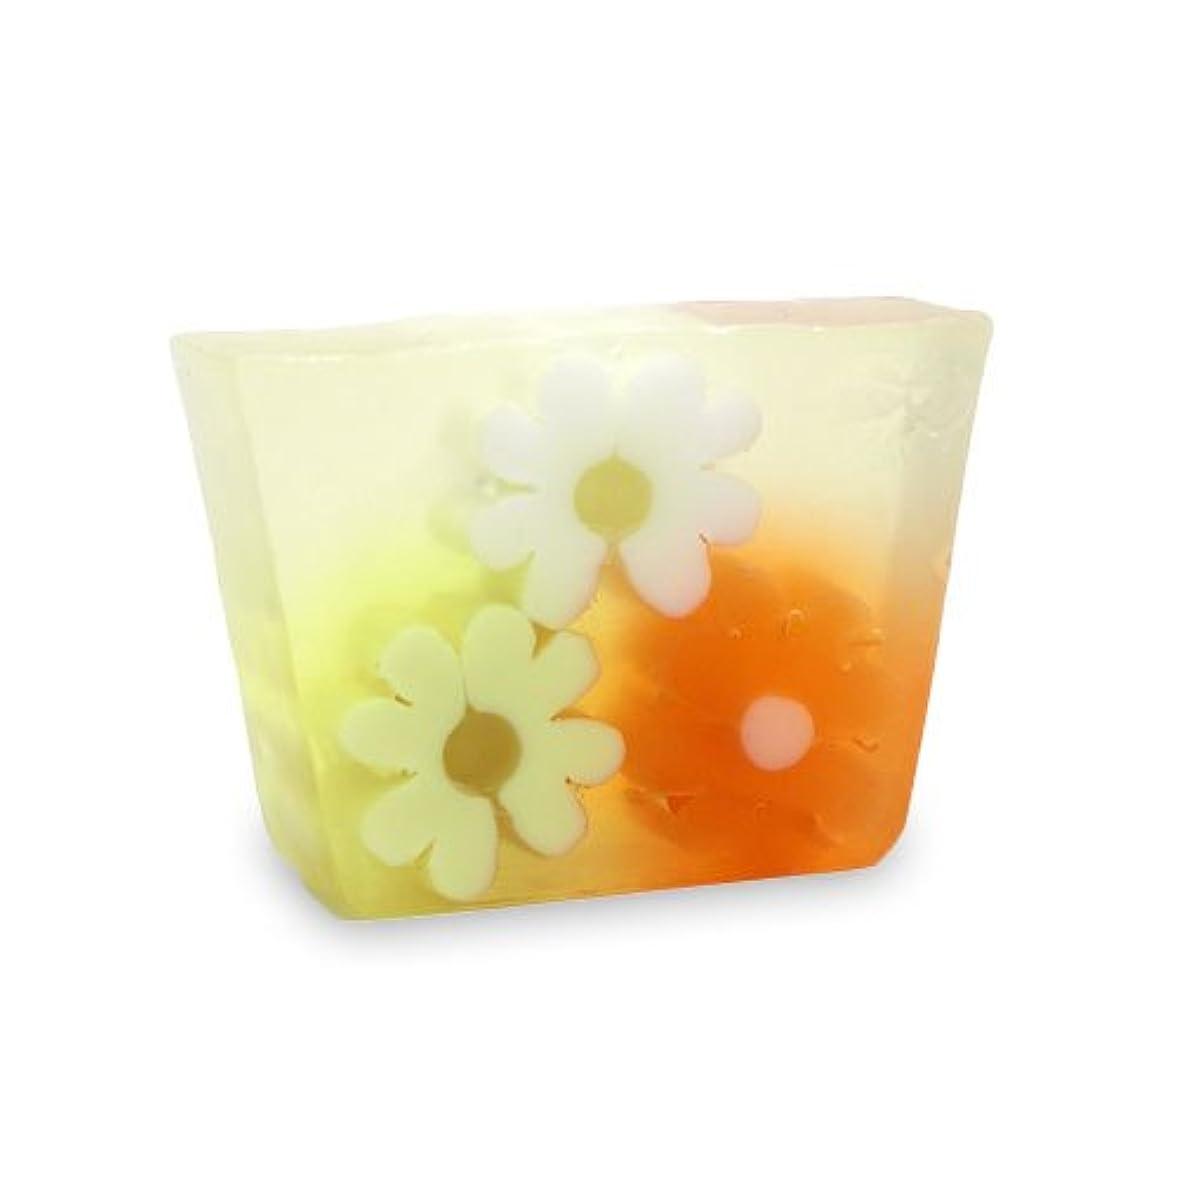 慢なアマチュア静脈プライモールエレメンツ アロマティック ミニソープ オレンジフラワーショップ 80g 植物性 ナチュラル 石鹸 無添加